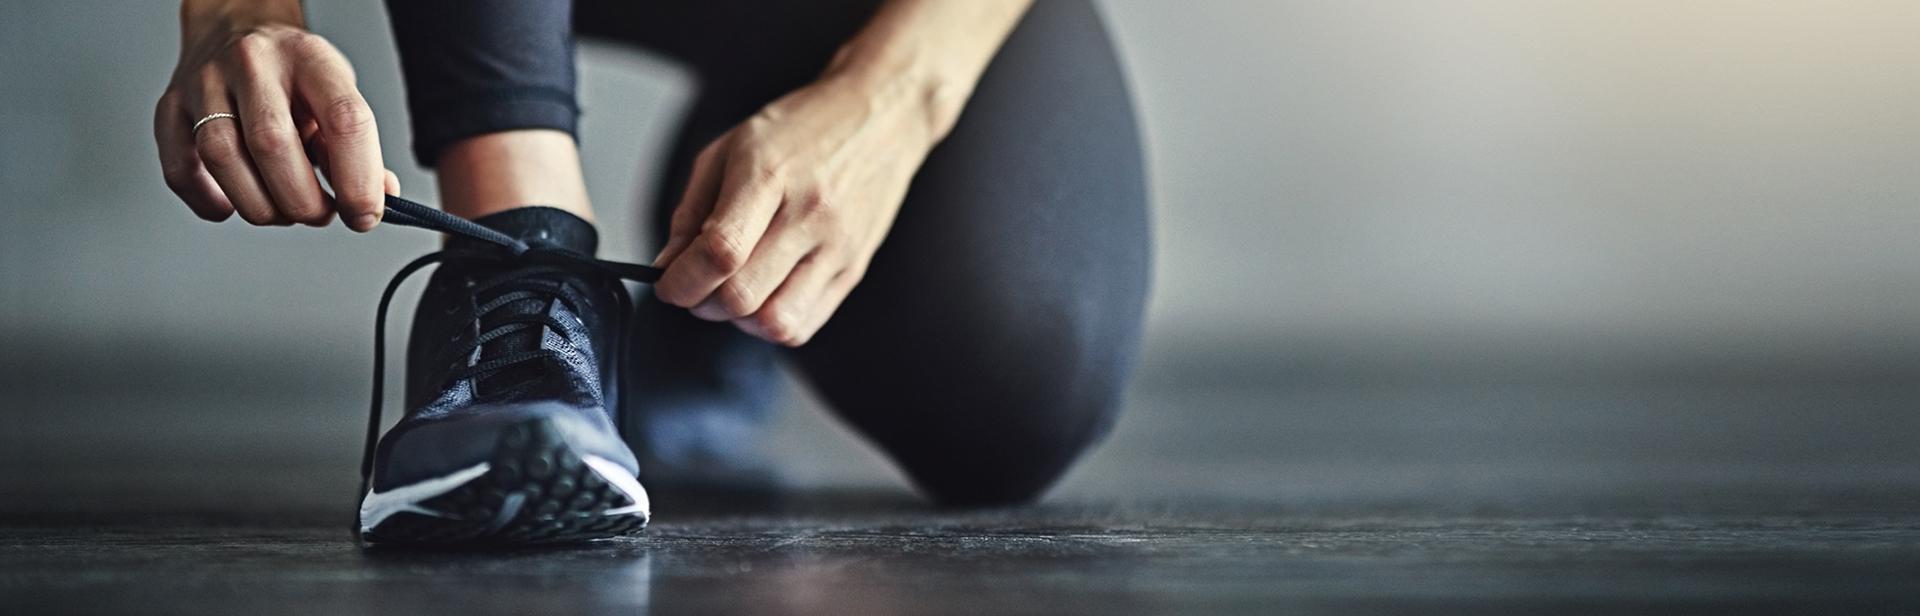 trening puls slikke mus